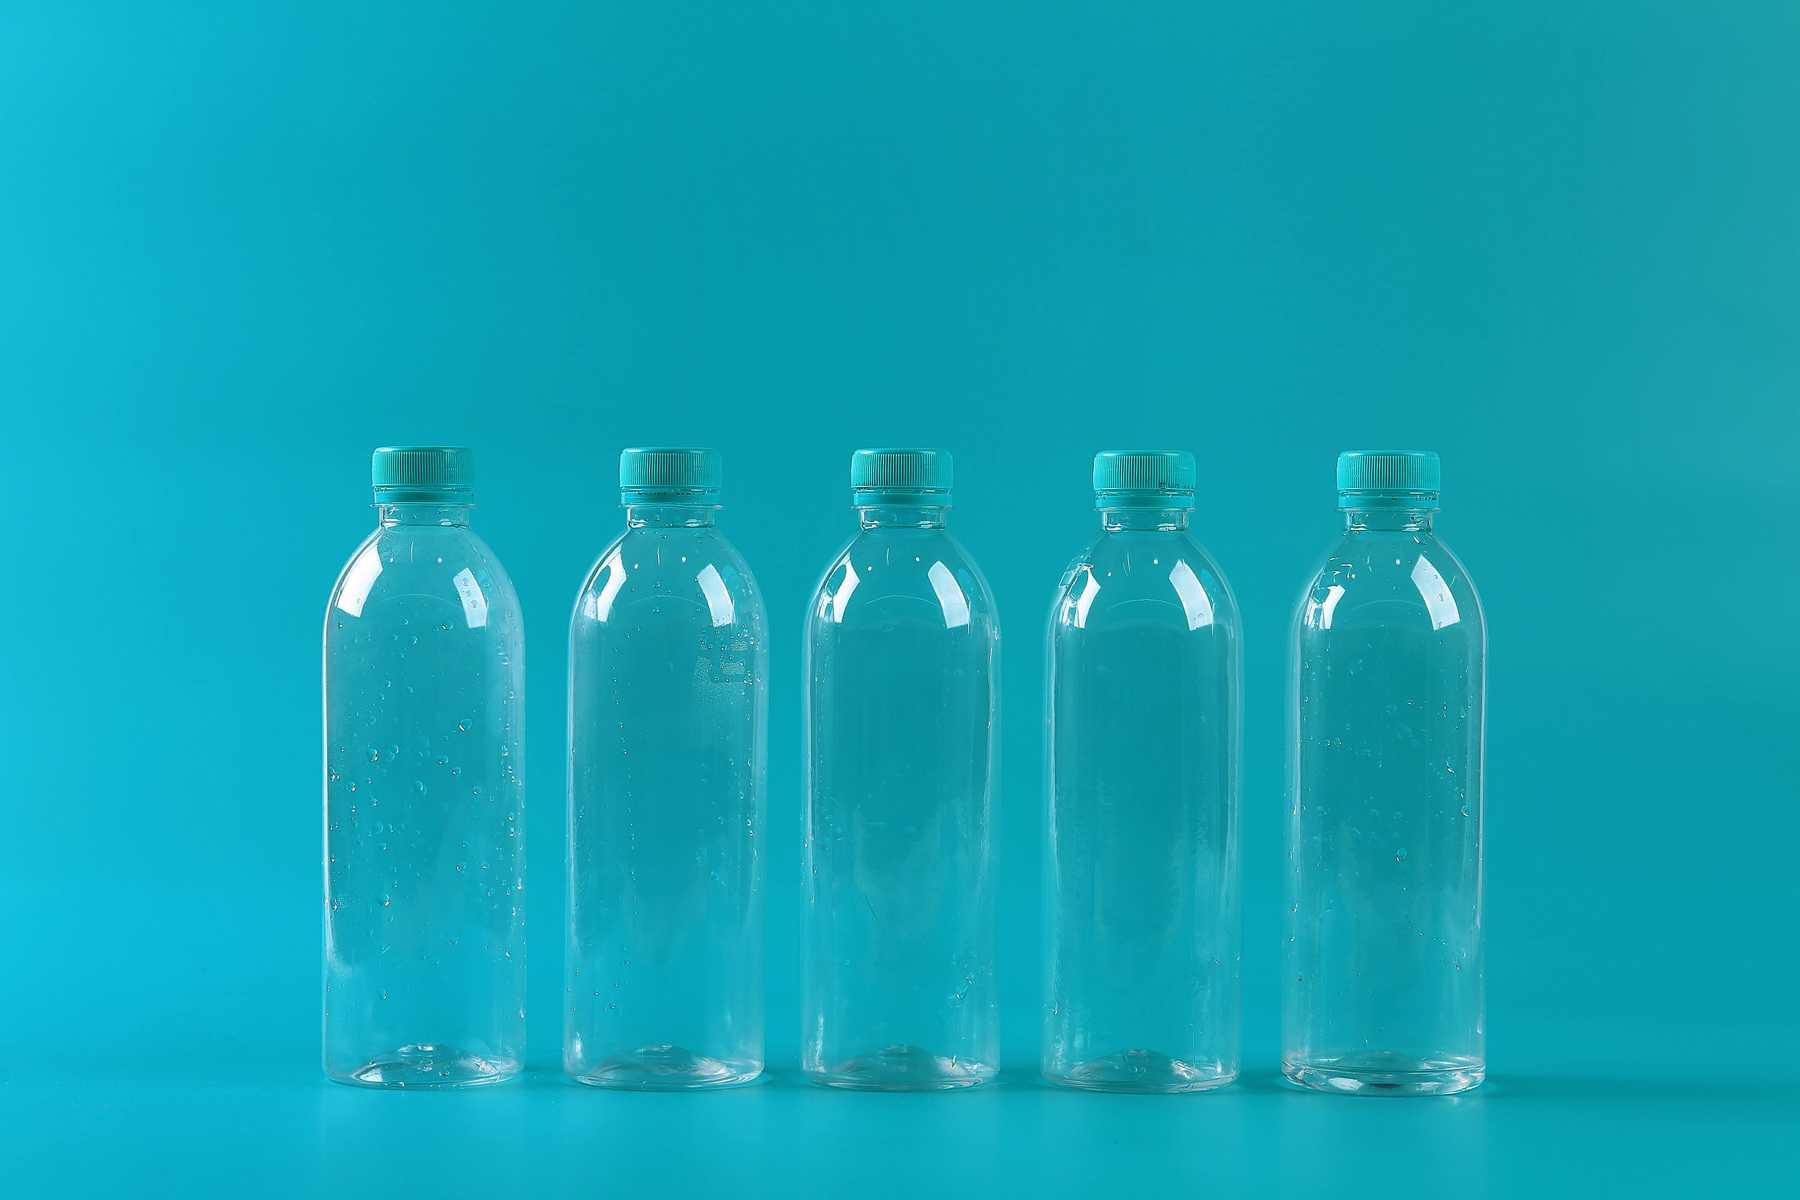 Tiết kiệm hàng triệu từ ý tưởng sử dụng chai nhựa làm đồ trang trí    Cleanipedia